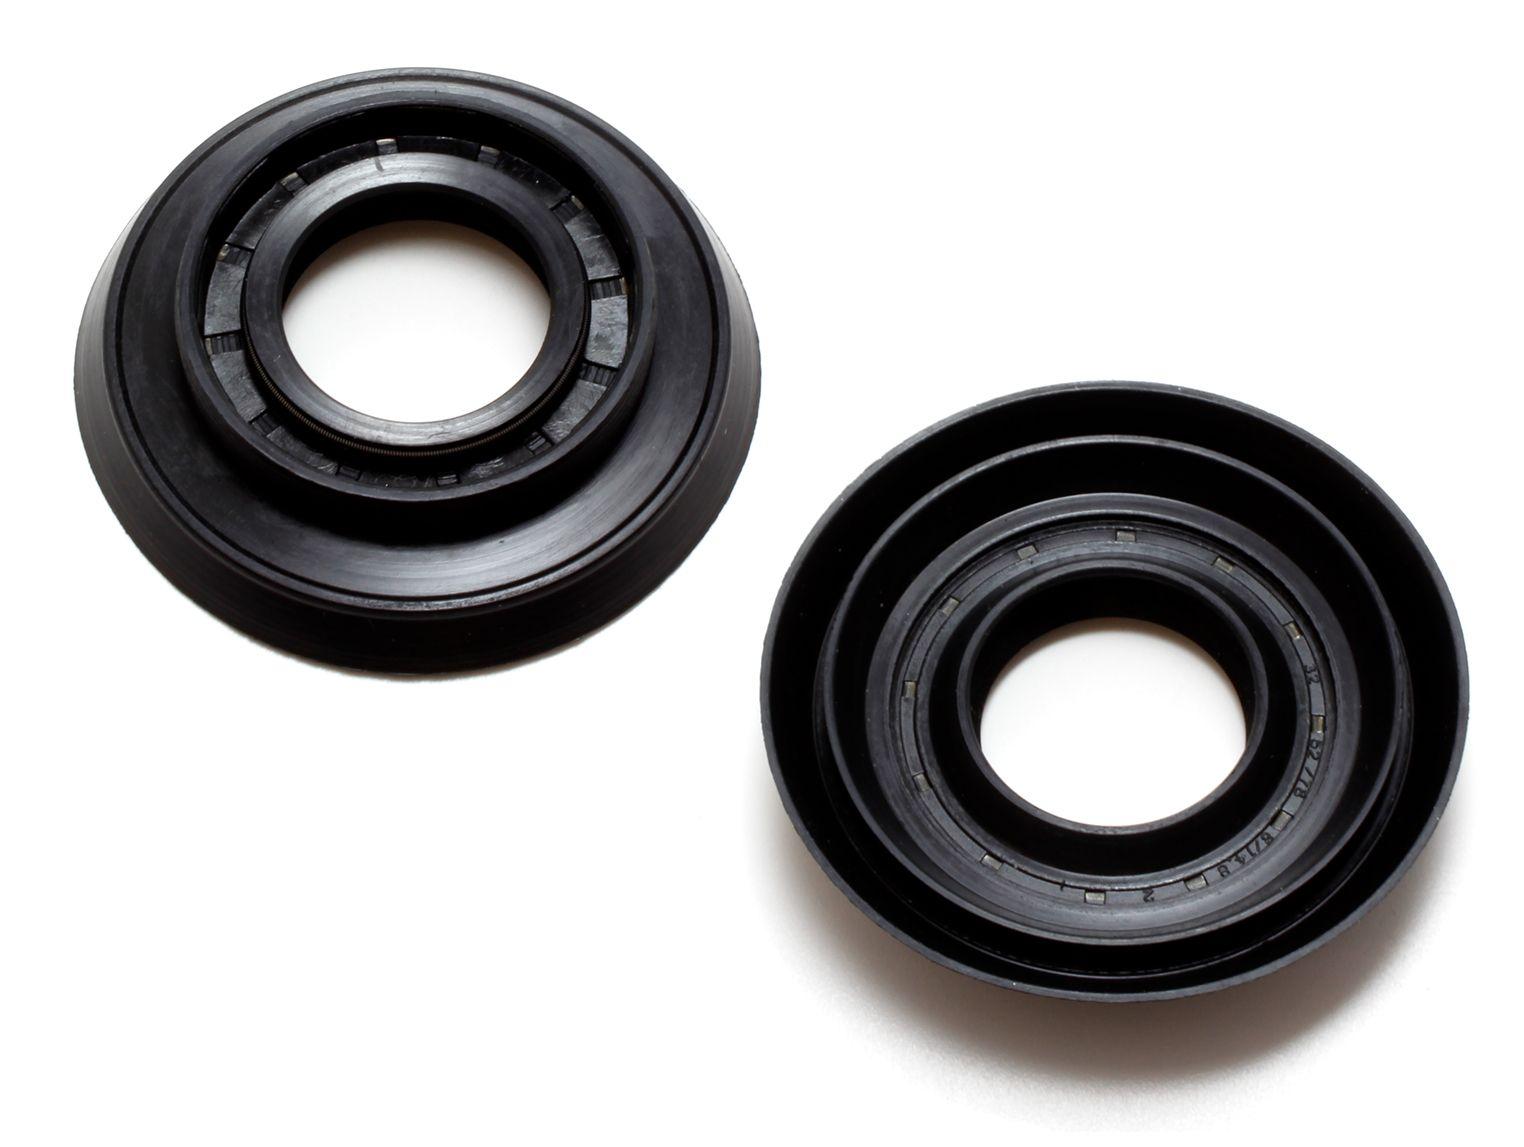 gufero, hřídelové těsnění, 32x52/78x8/14,8, pračka Bosch a Siemens - 00068319 Ostatní